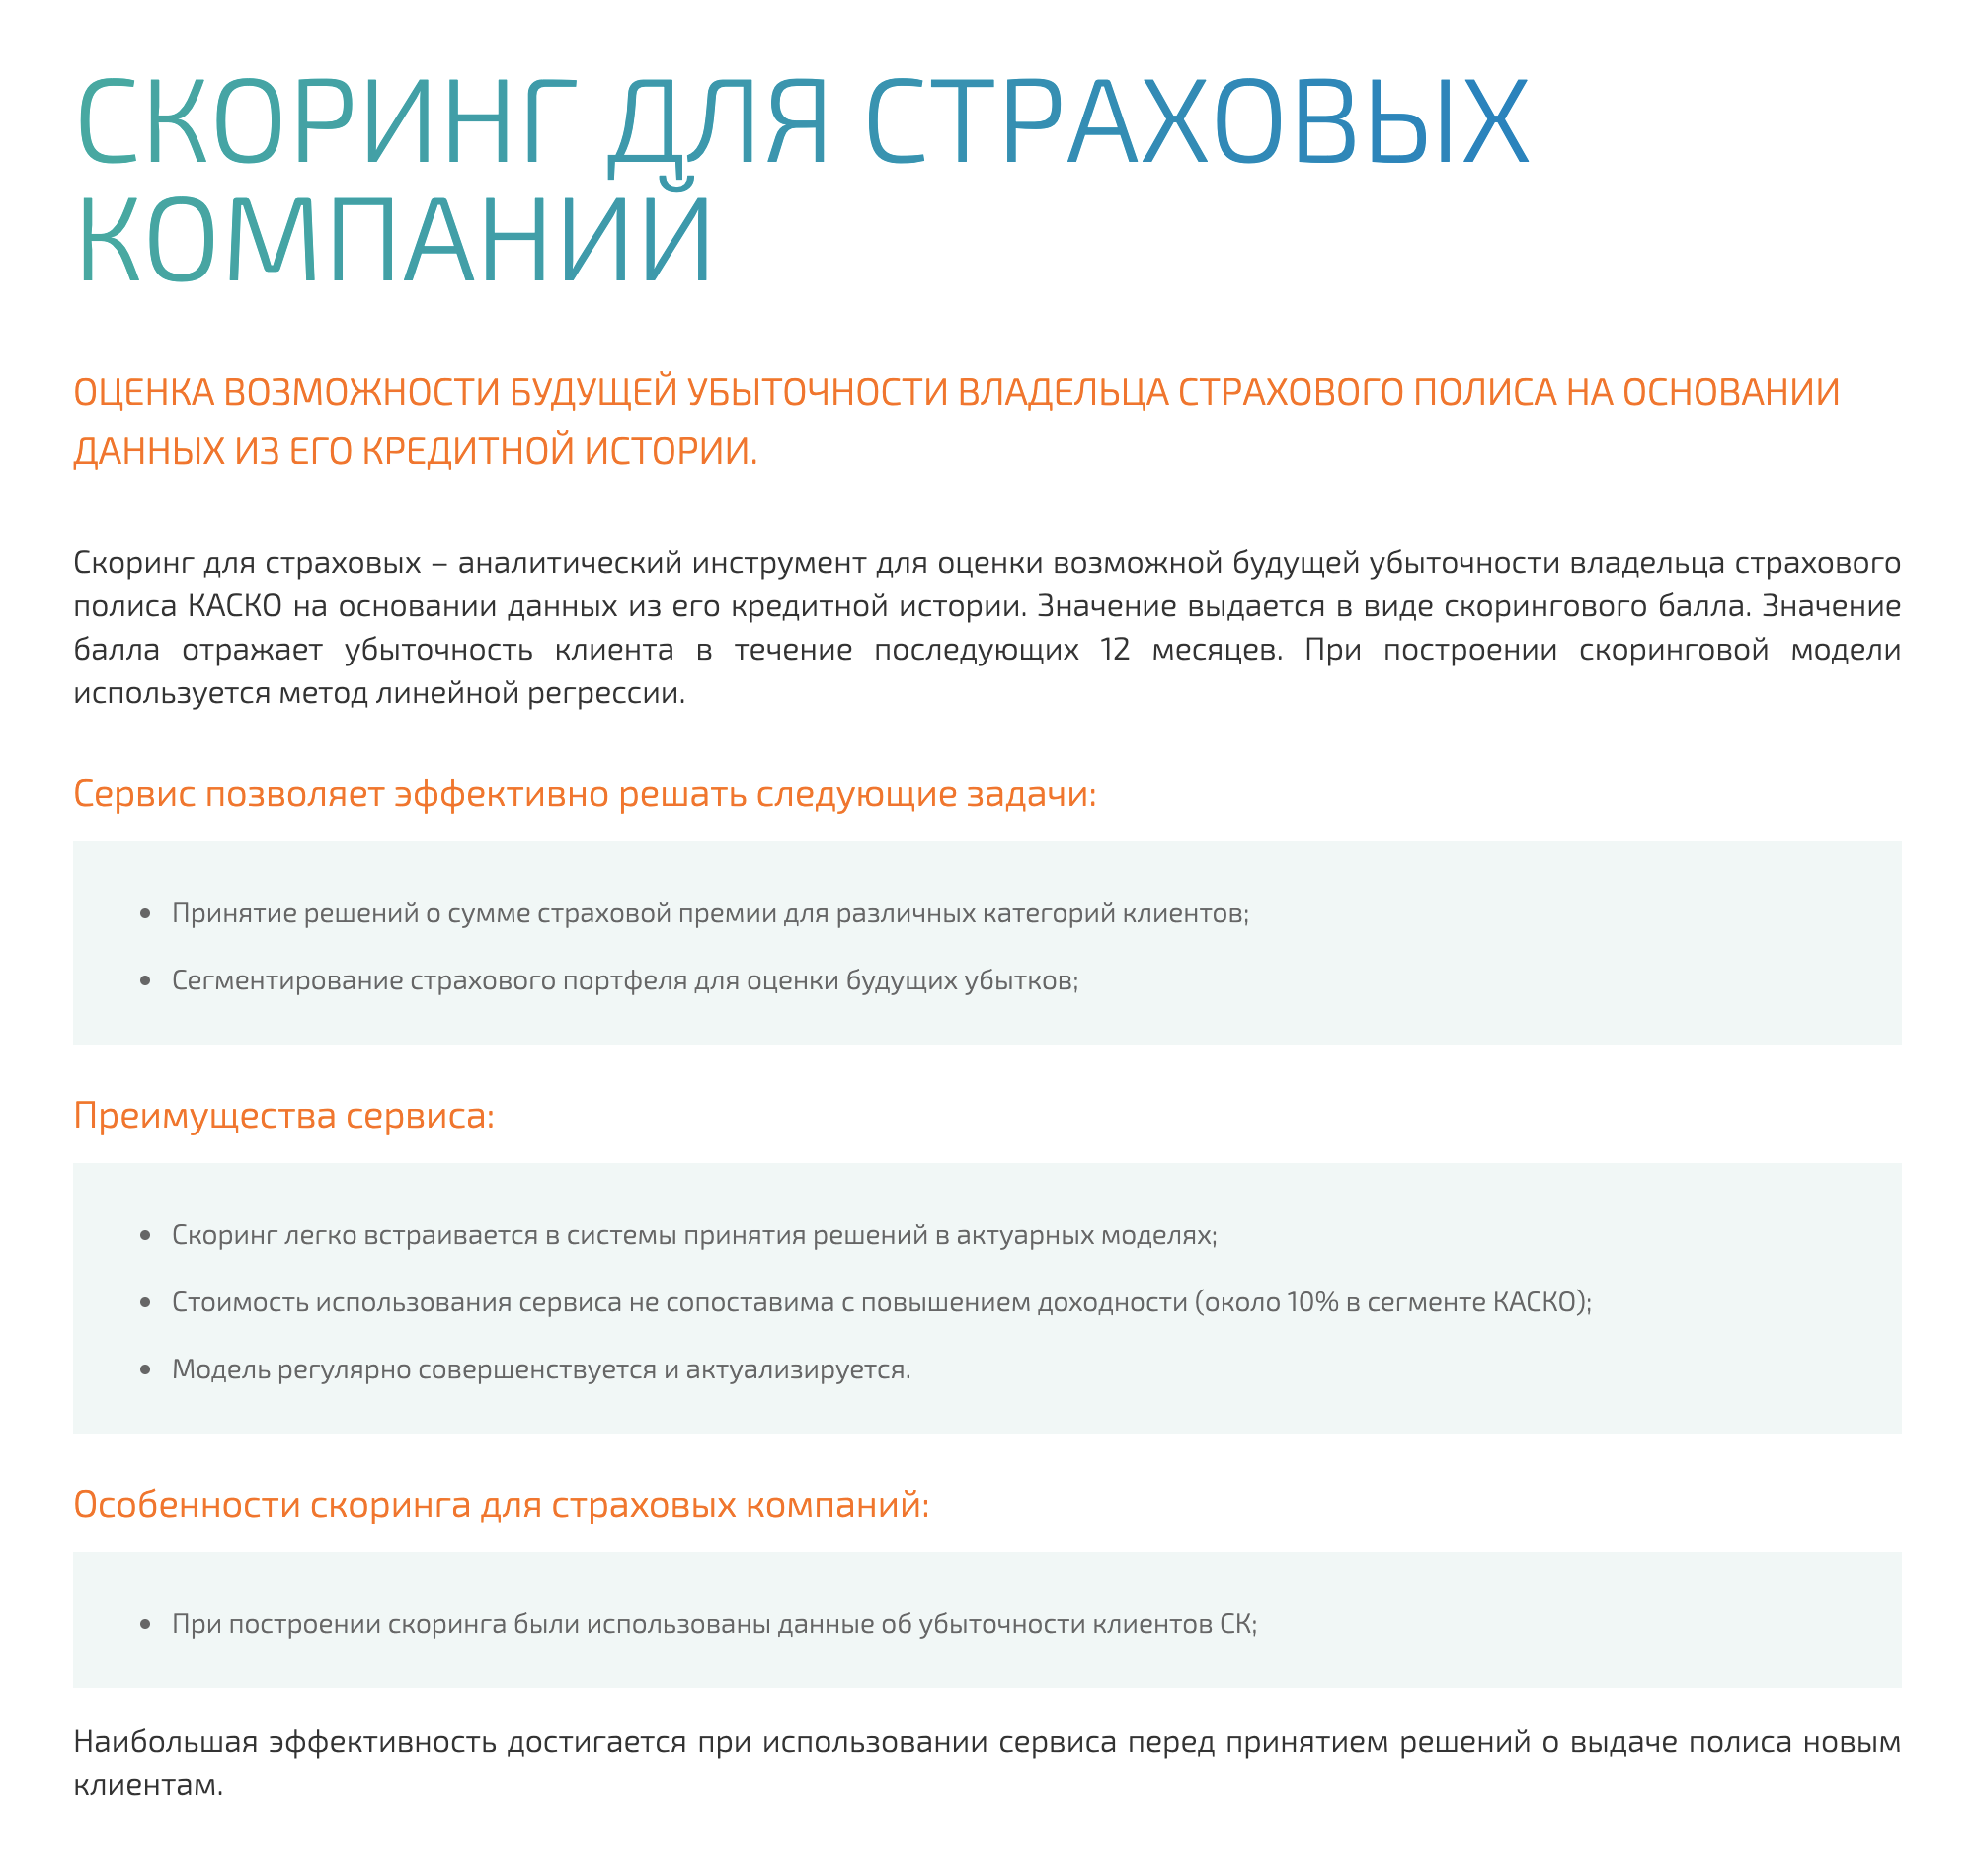 помощь в ипотеке с плохой кредитной историей омск